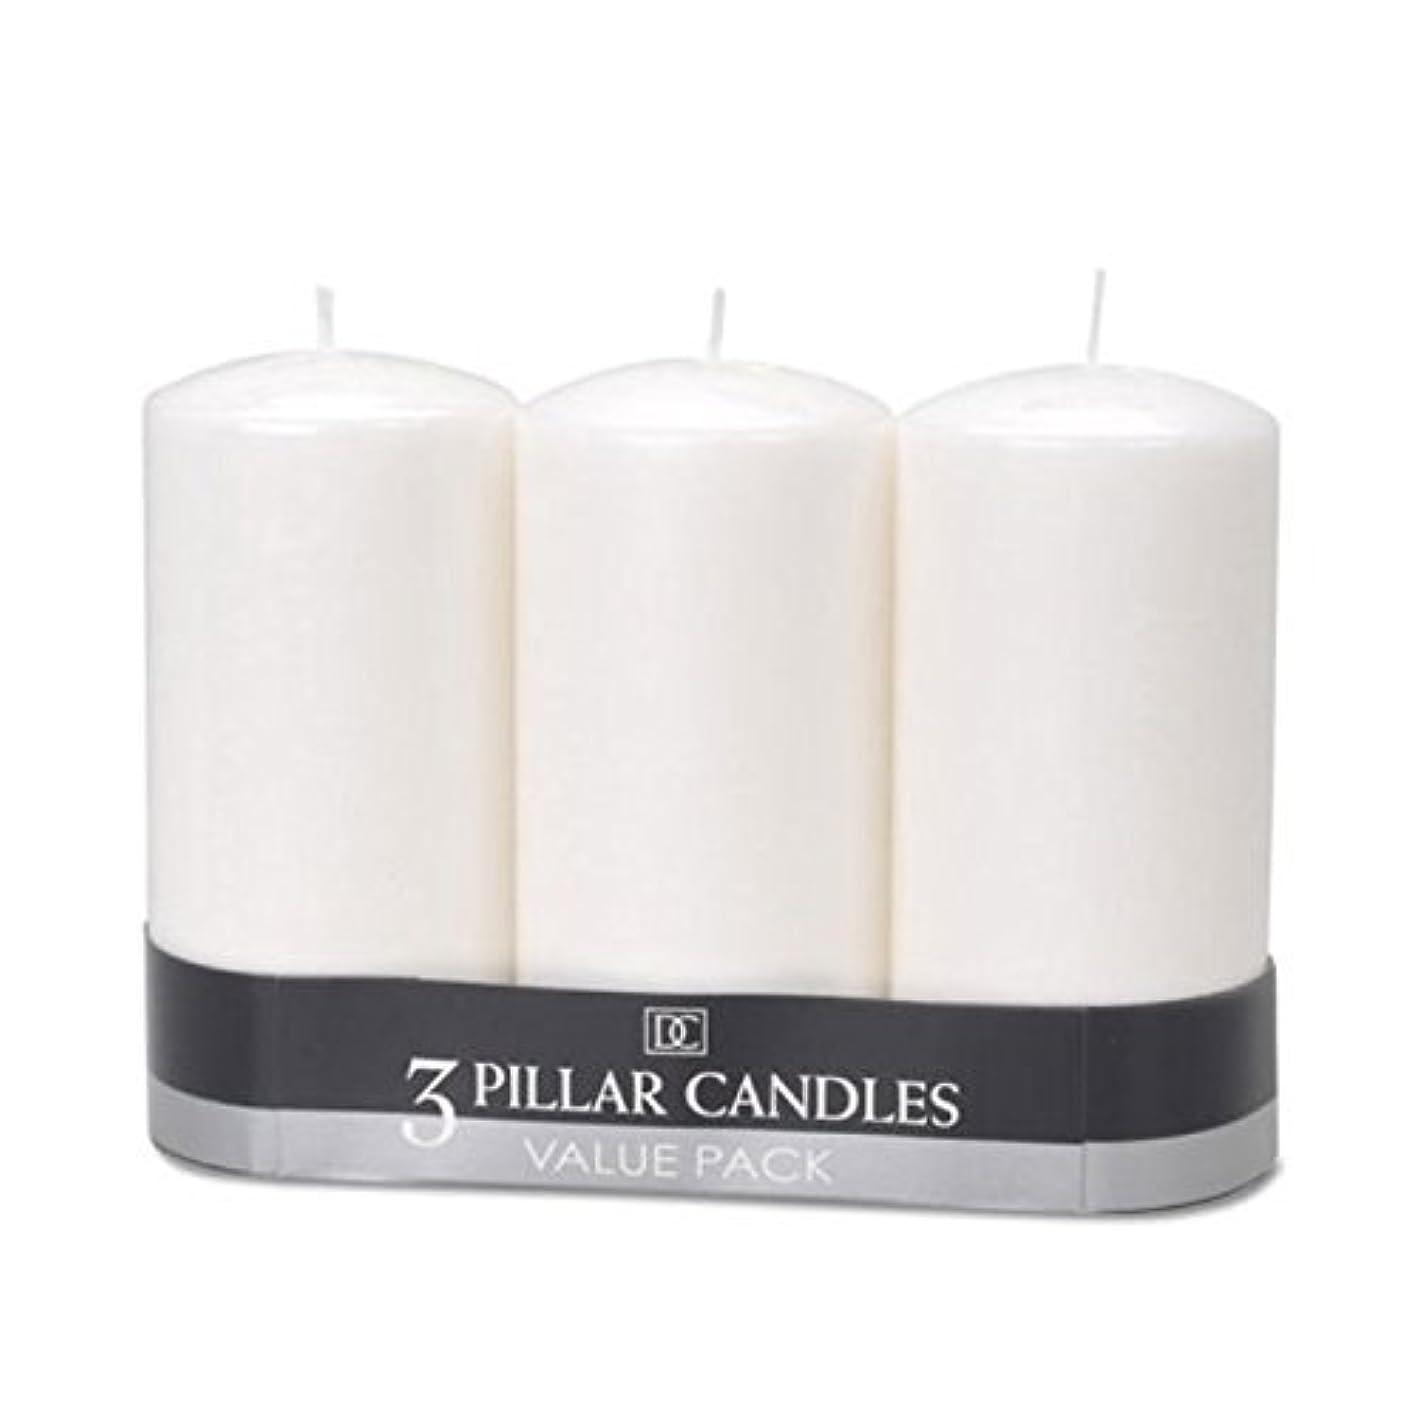 醜い計算可能委任(2) - DYNAMIC COLLECTIONS 3 Pillar Candles value pack, White 2pk